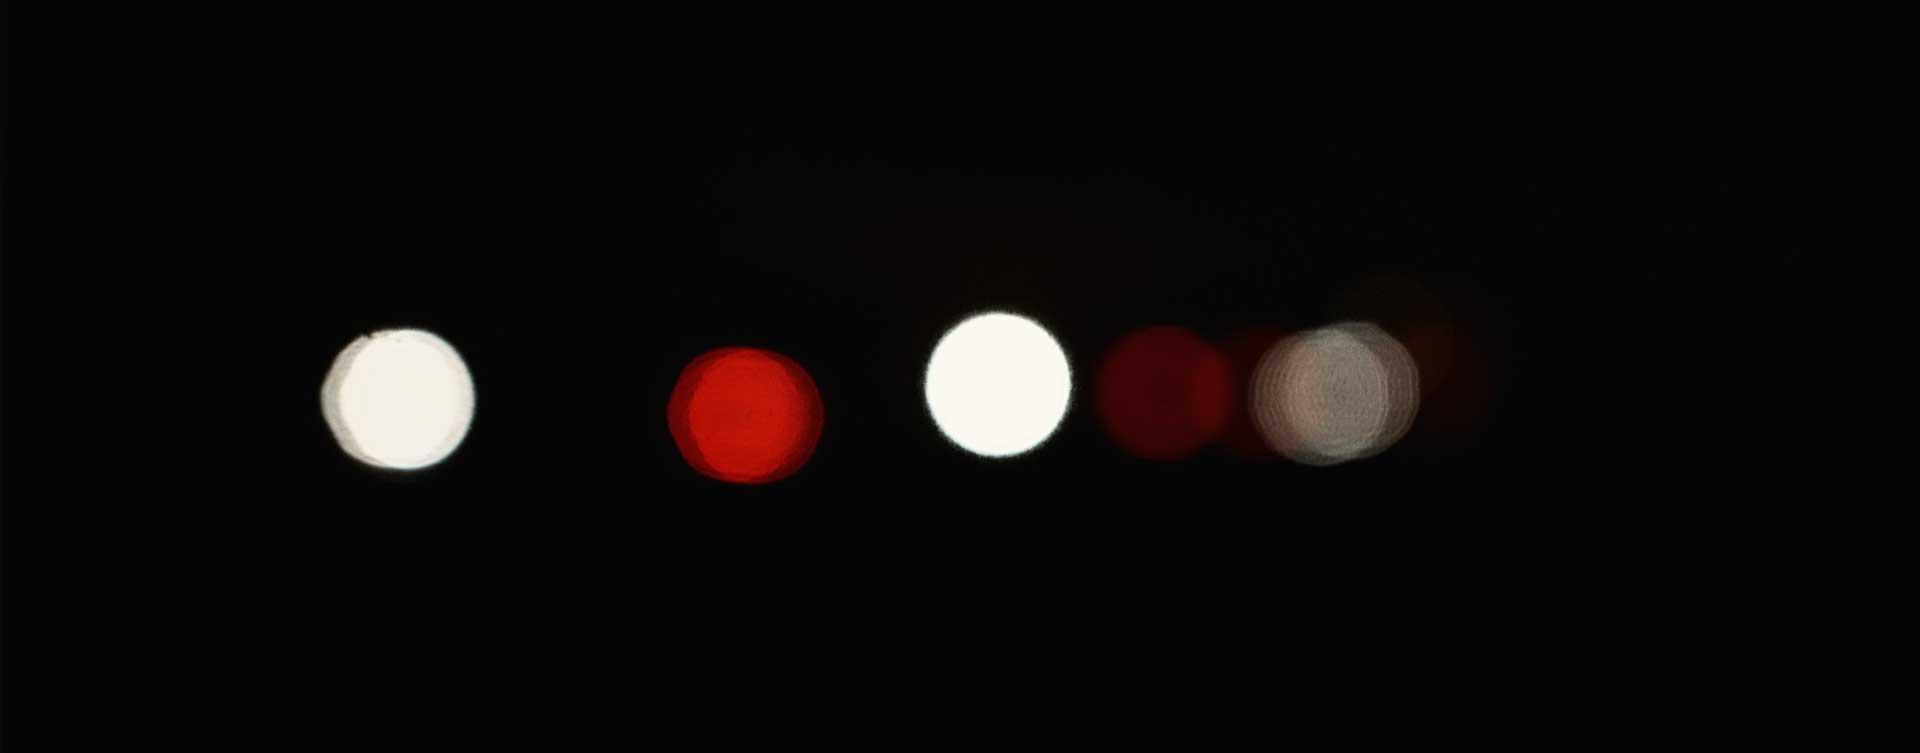 luces difuminadas en la oscuridad para la creación del film